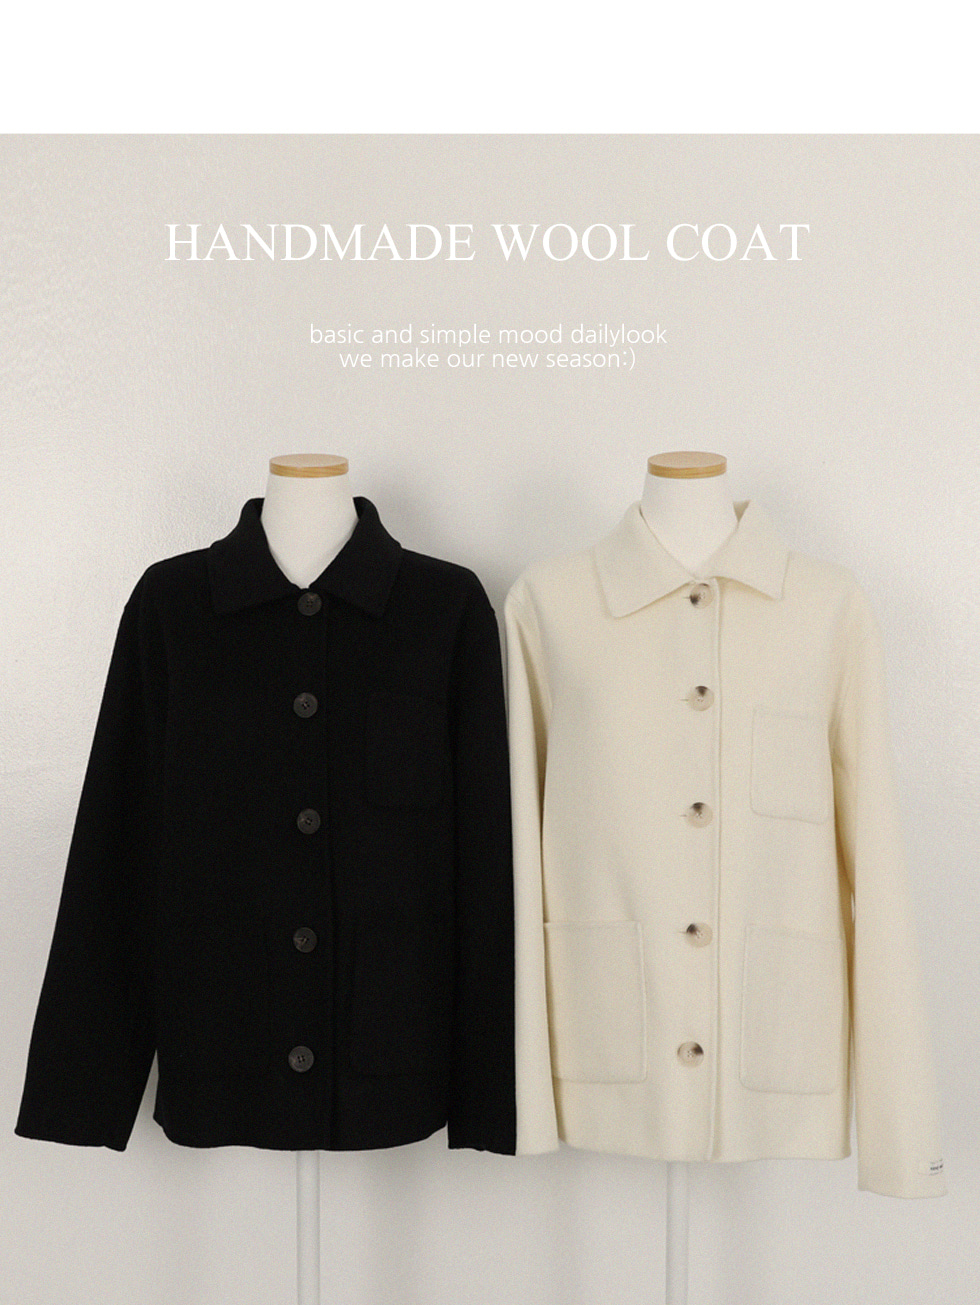 Roche wool coat (70% wool/2color)